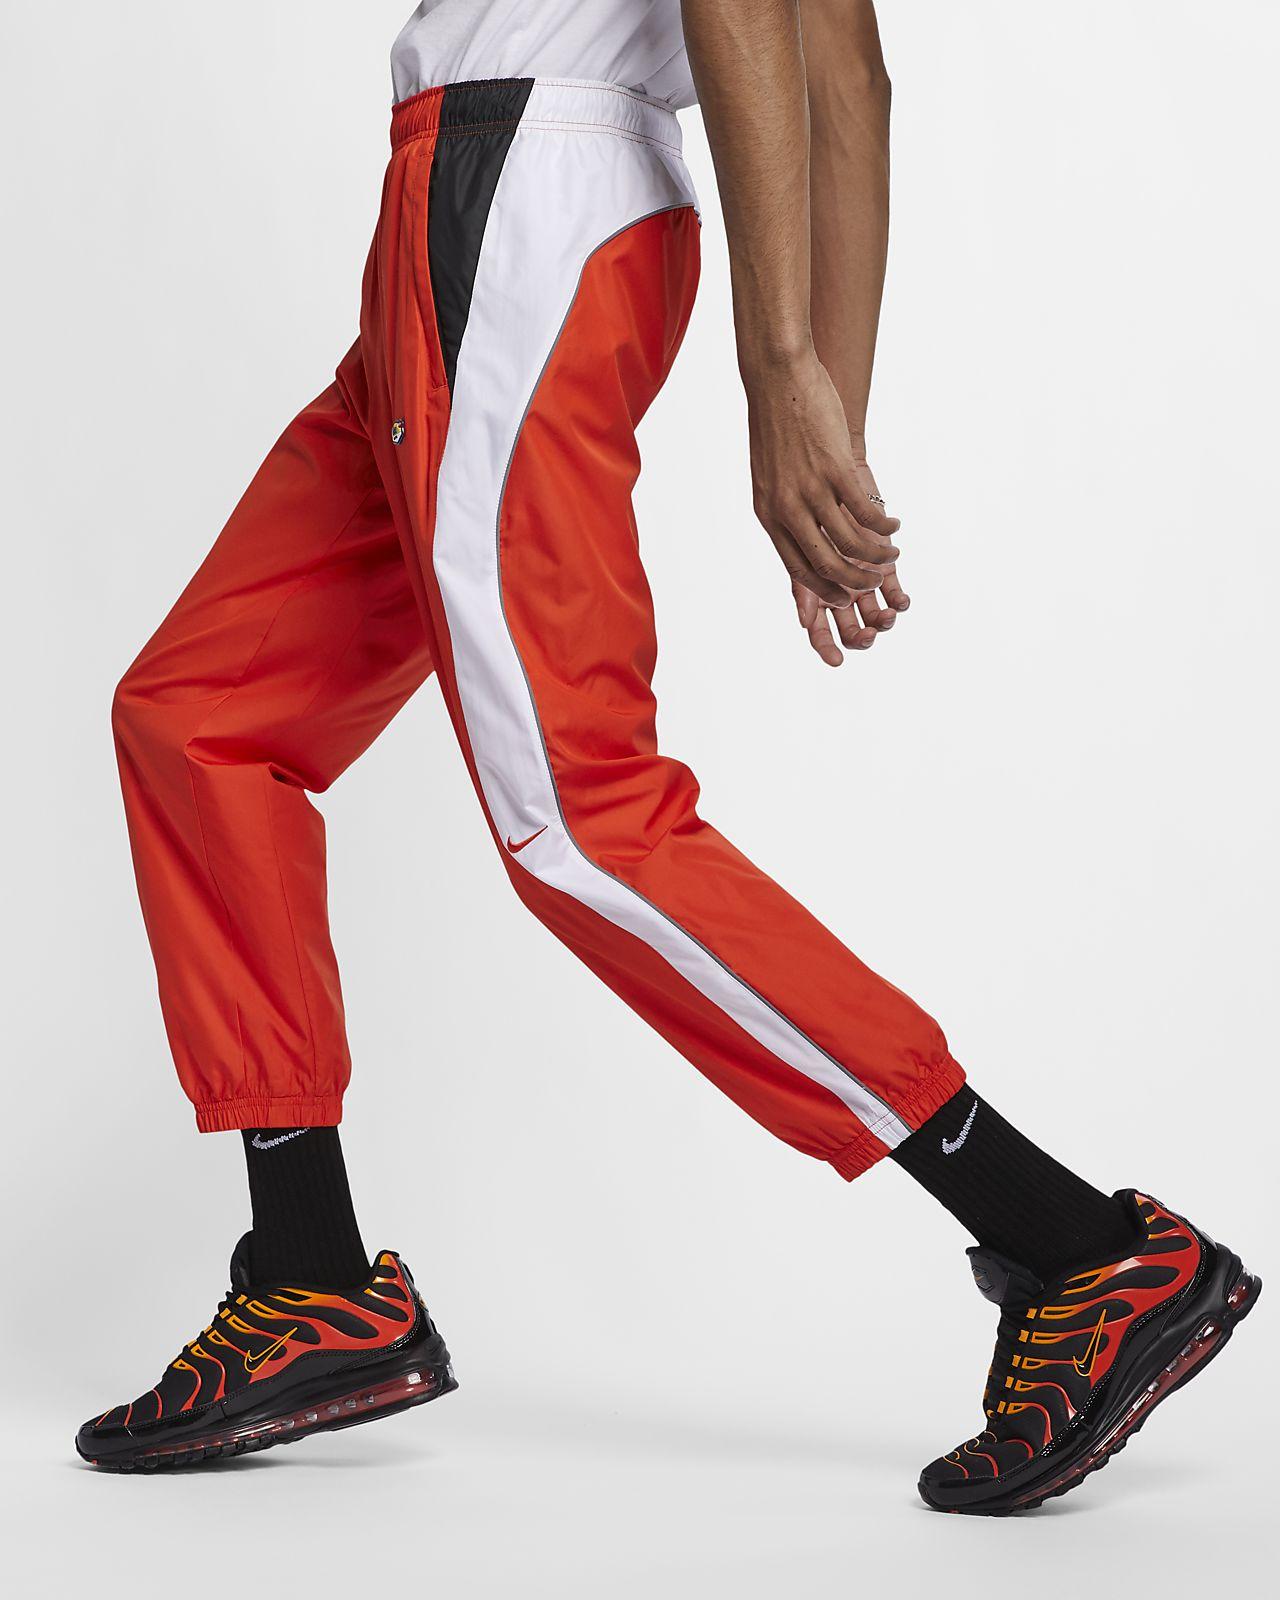 Träningsbyxor NikeLab Collection Tn för män